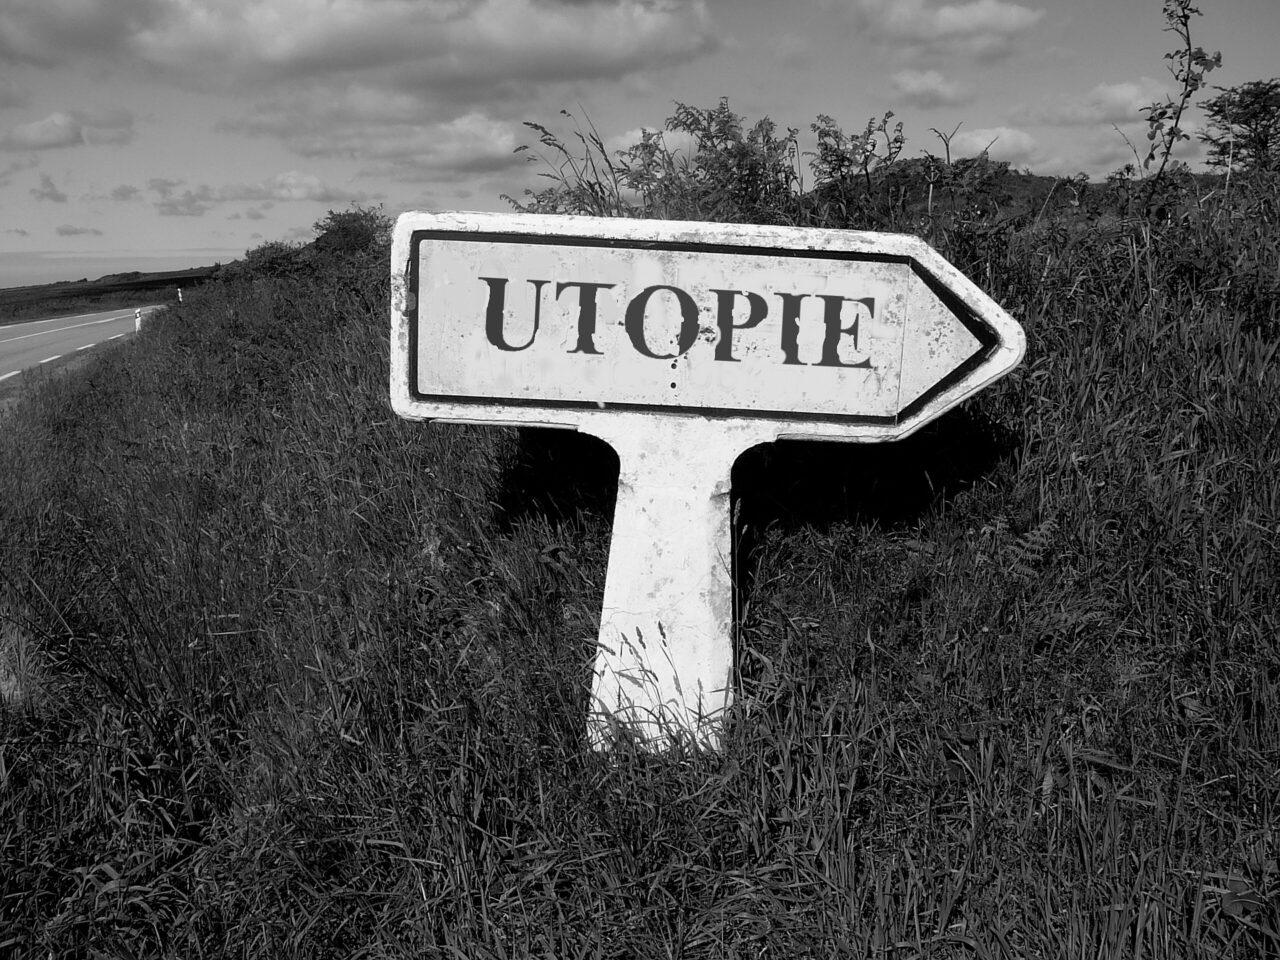 Séance 2- Approches philosophiques de l'utopie